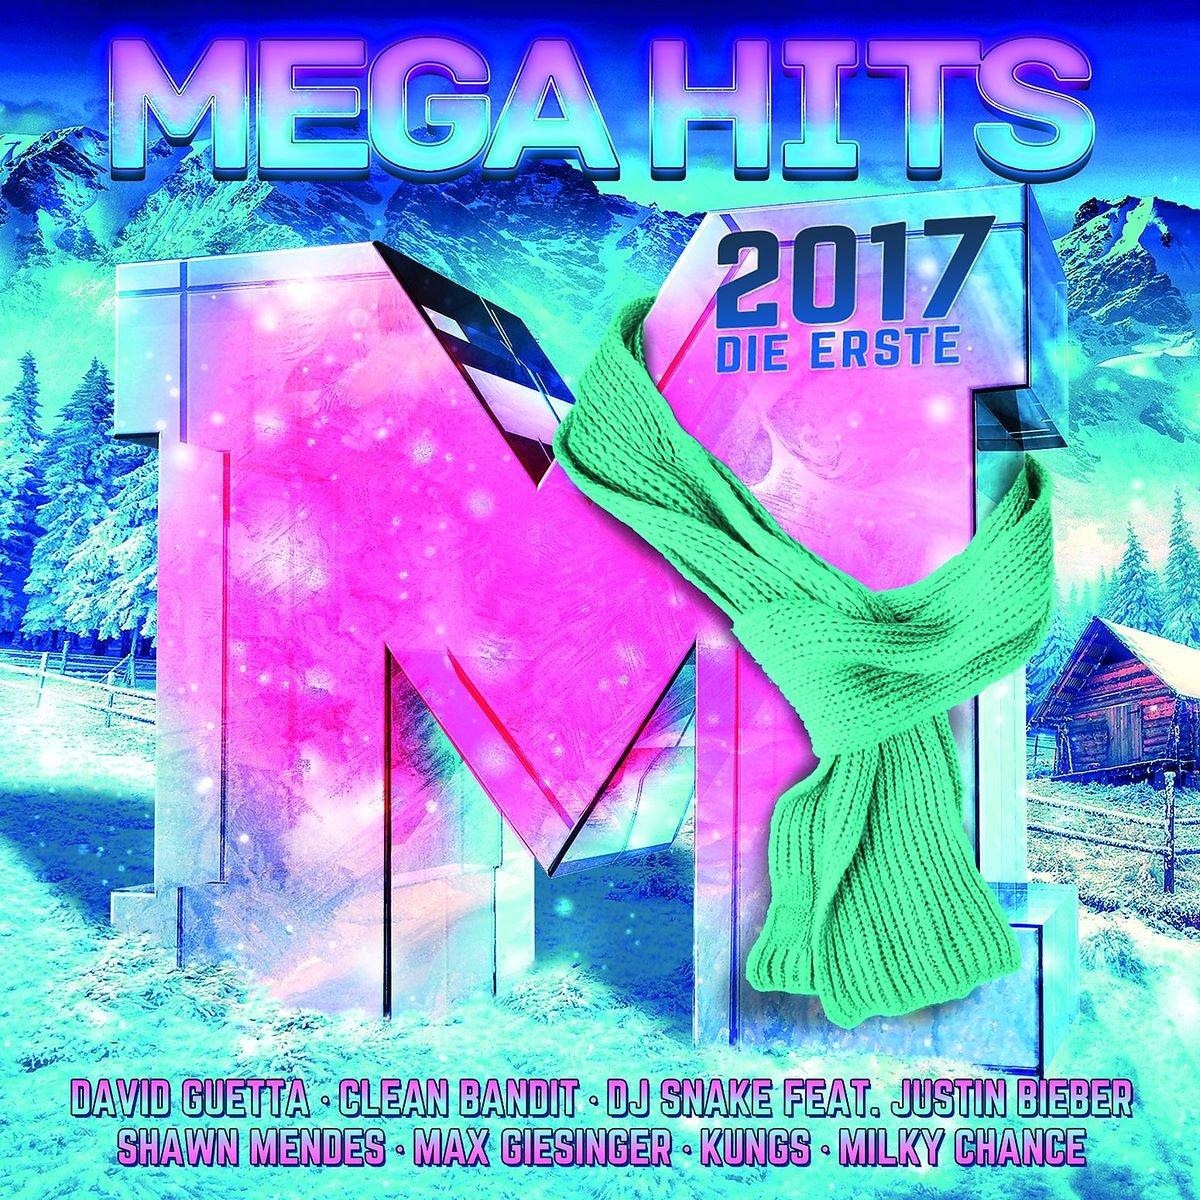 VA - Mega Hits 2017 Die Erste - 2CD - FLAC - 2016 - NBFLAC Download